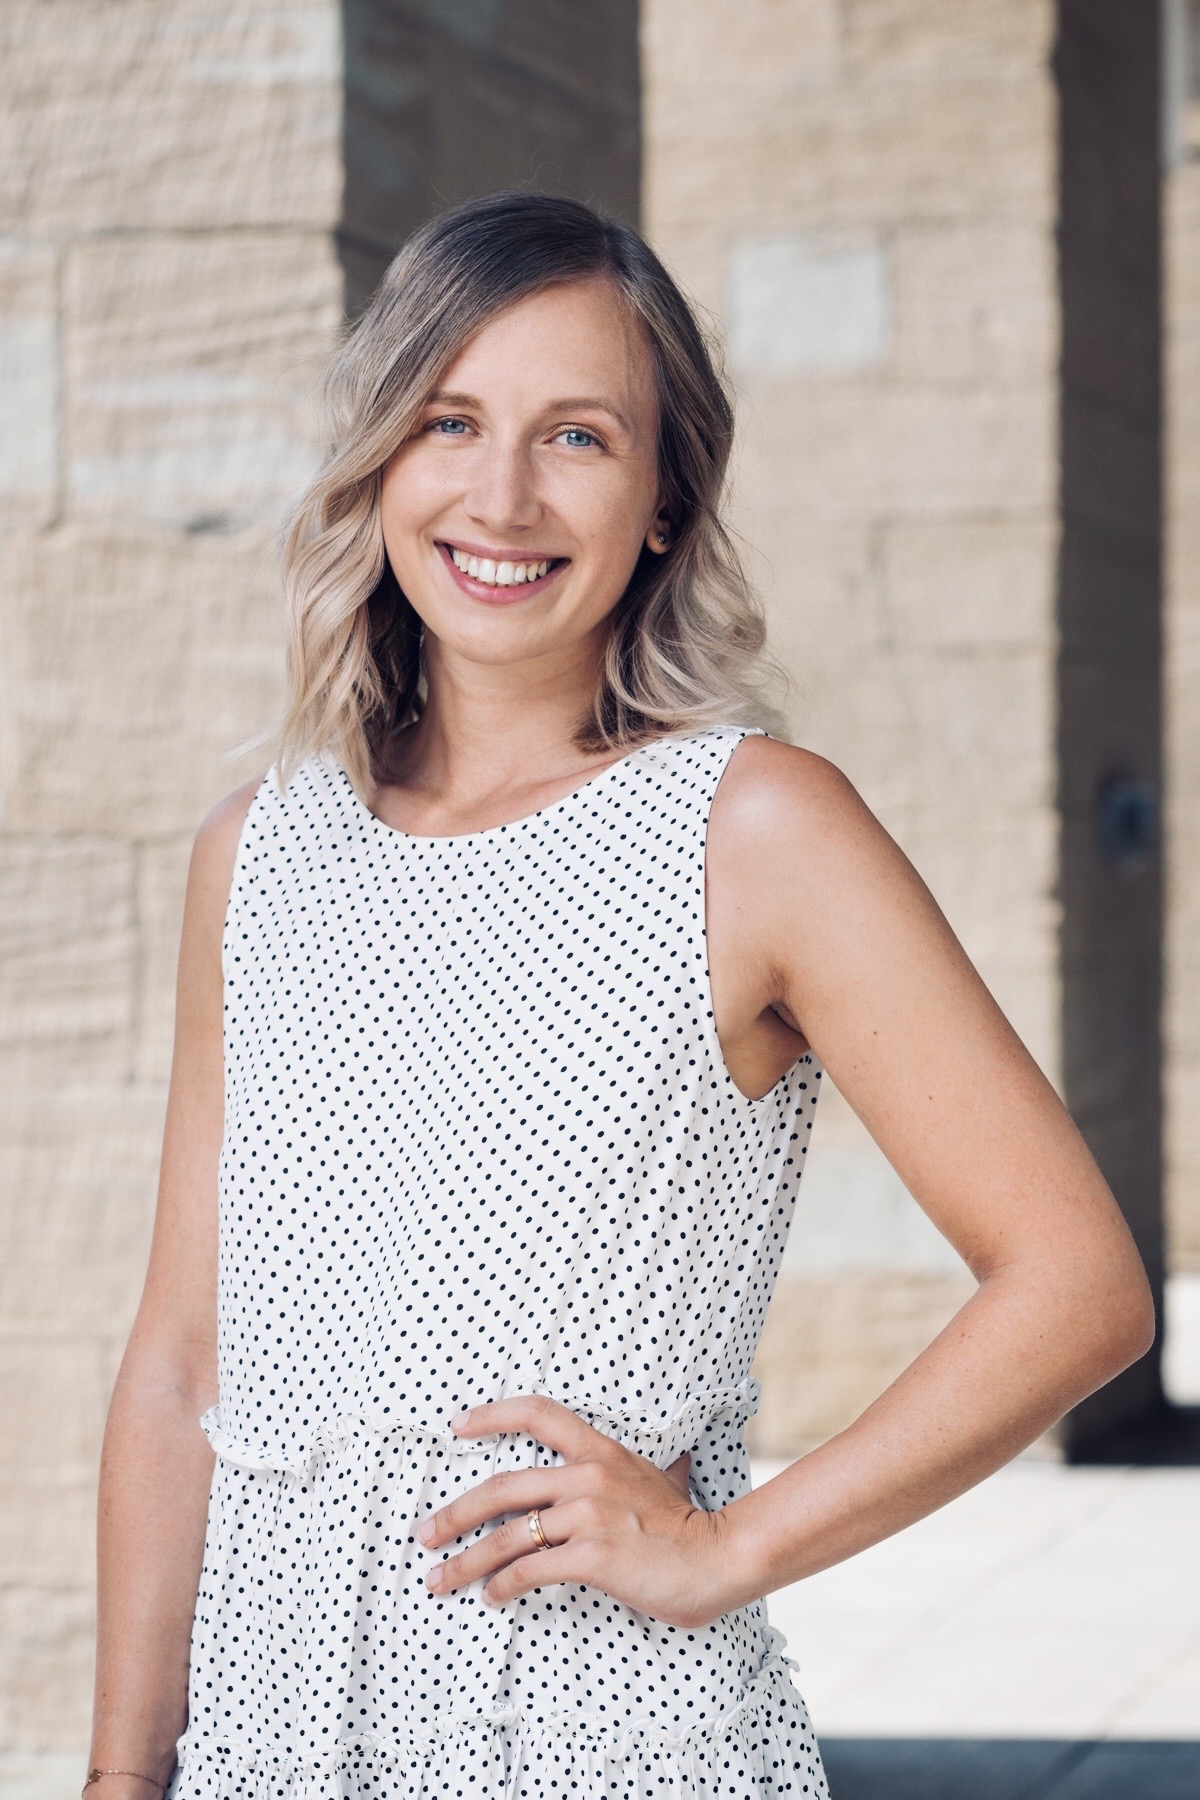 Michelle Kreil